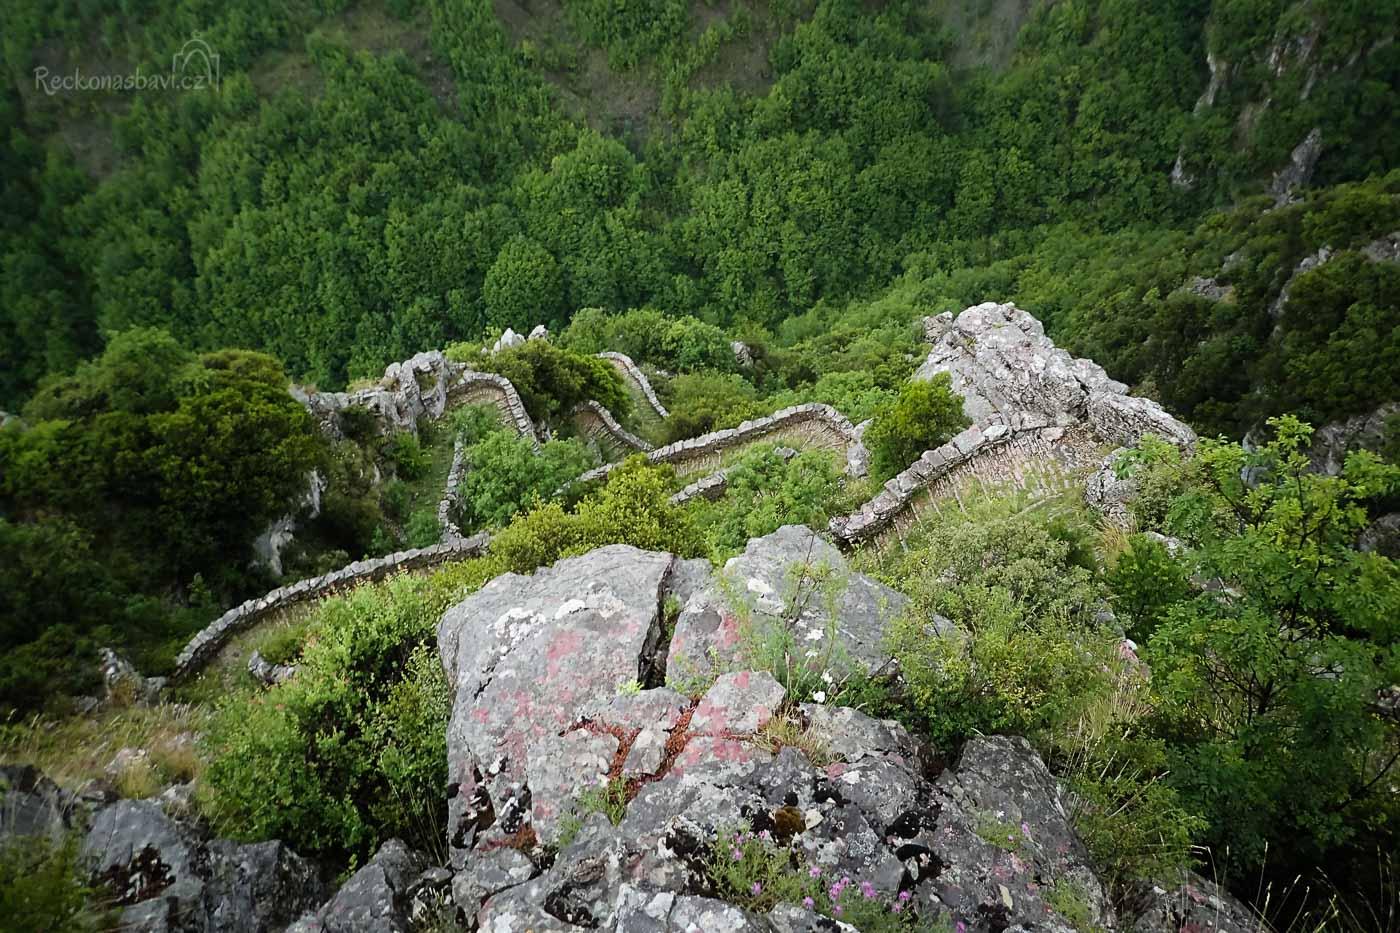 Slavná stezka Skala Vradeto (Σκάλα Βραδέτου)  s více jak 1000 schody a 39 zatáčkami, která překonává ve skalní stěně na 250 výškových metrů!